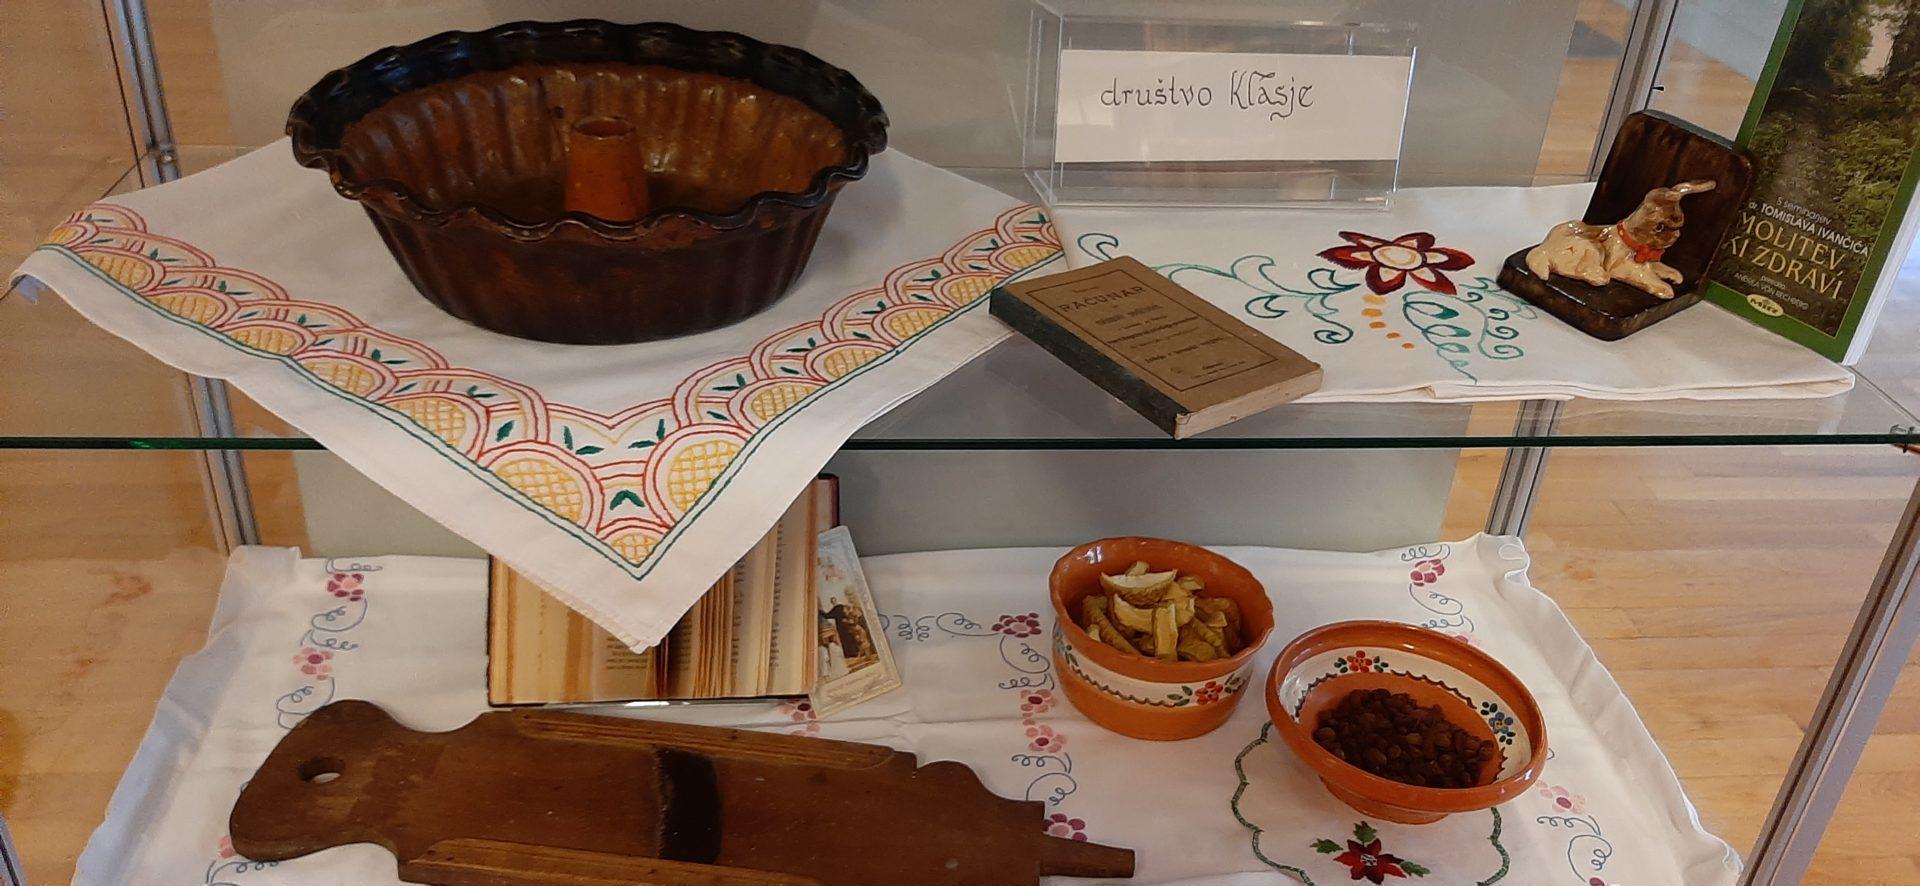 20200622 103813 - Kulturna dediščina naših krajev I - razstava društva Klasje Cerknica